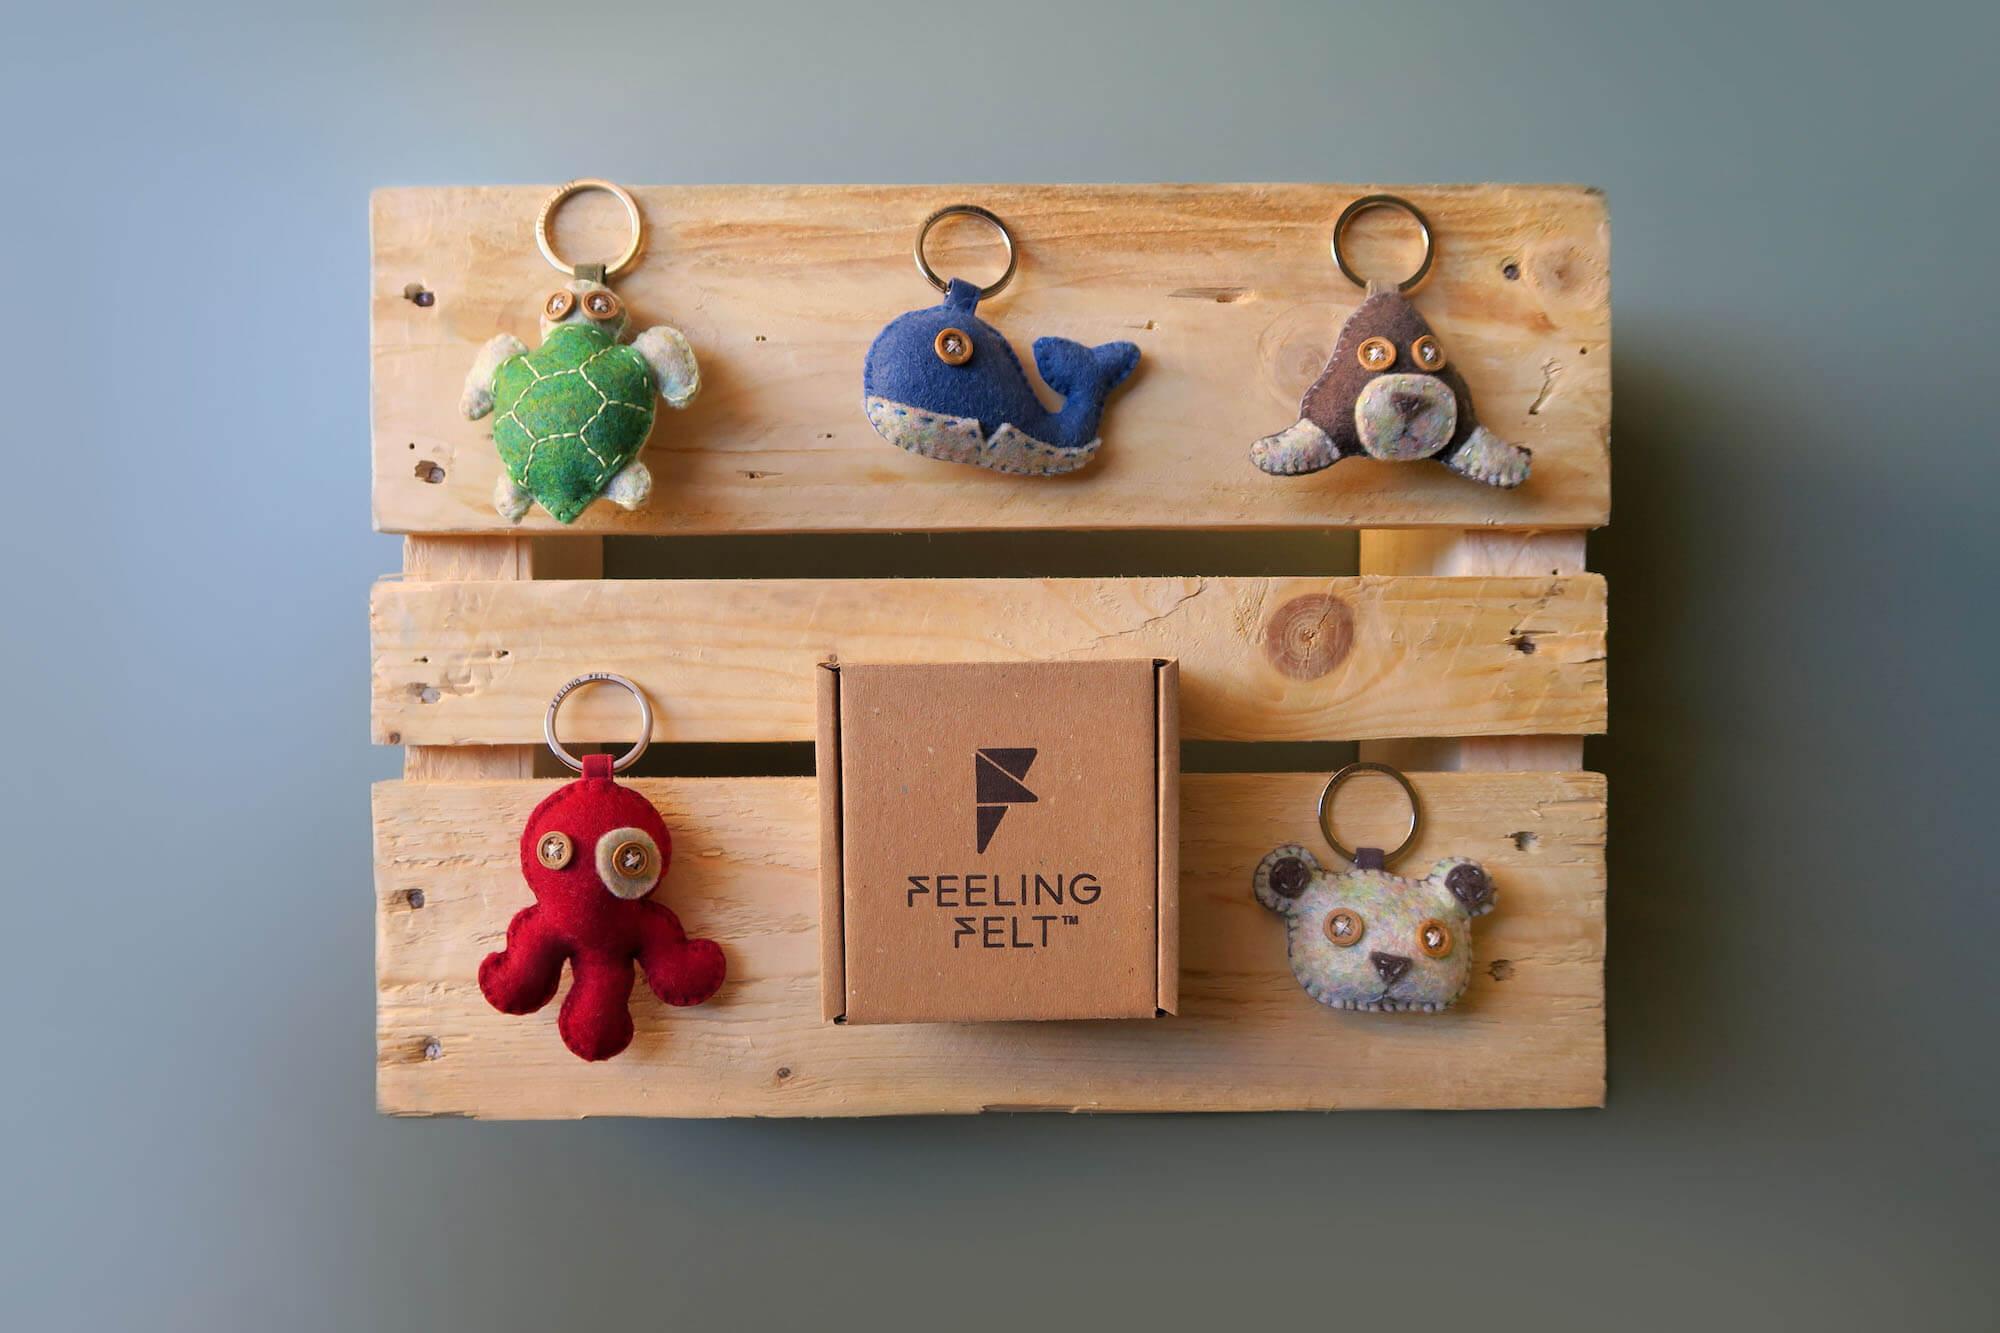 Collection de porte-clés symbolisant des animaux en risque d'extinction de Feeling Felt